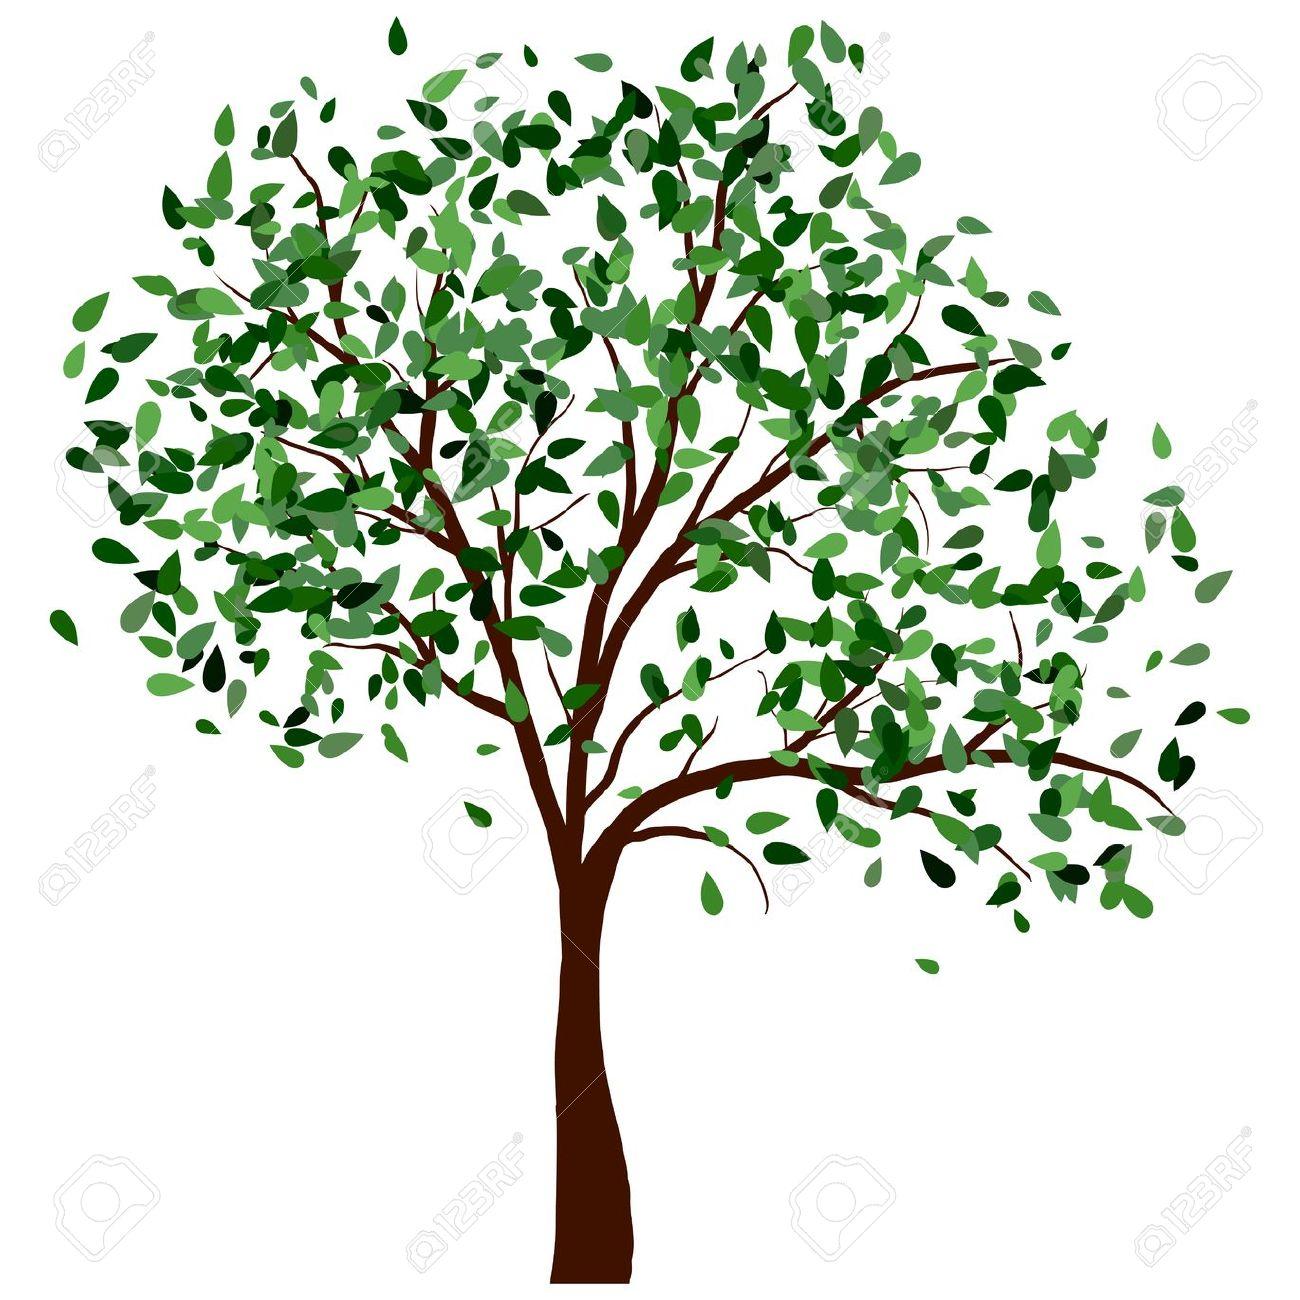 Baum clipart free.